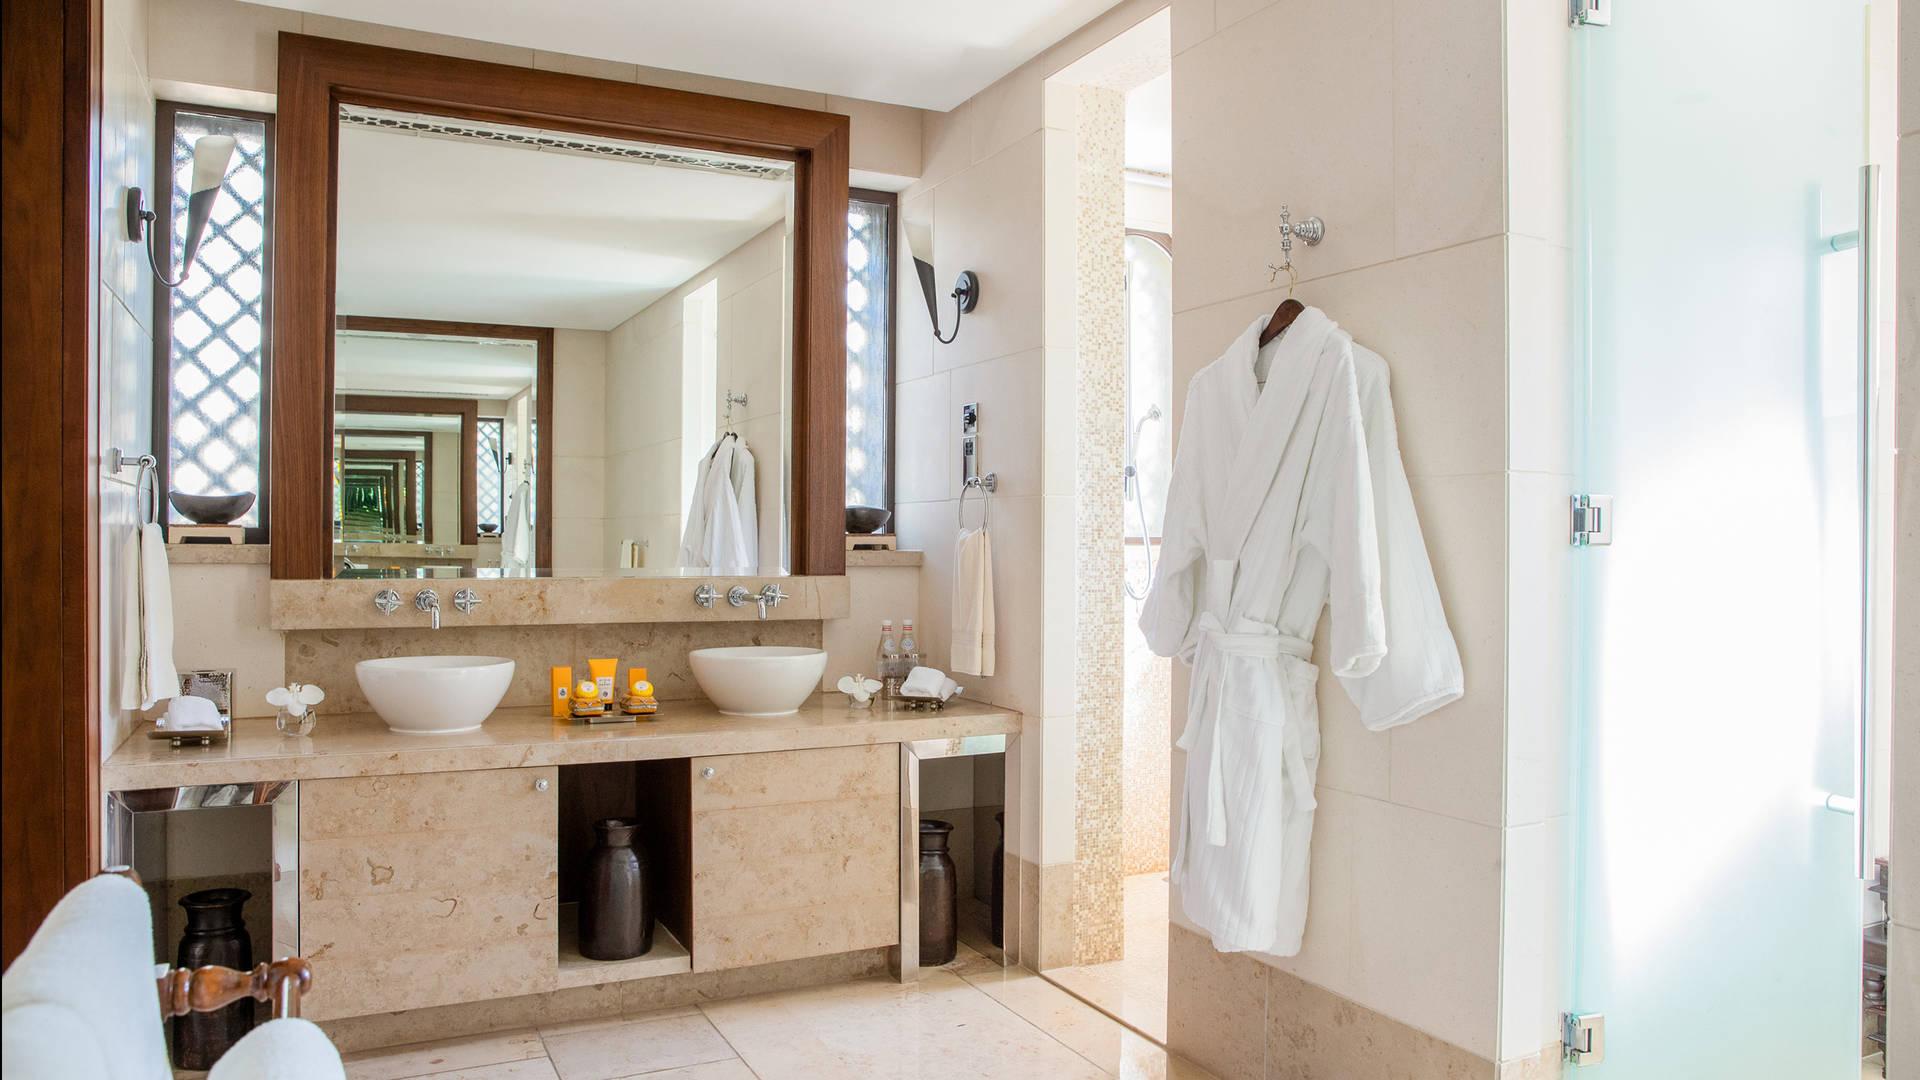 Jumeirah Dar Al Masyaf Royal Malakiya Villa bathroom 2_16-9